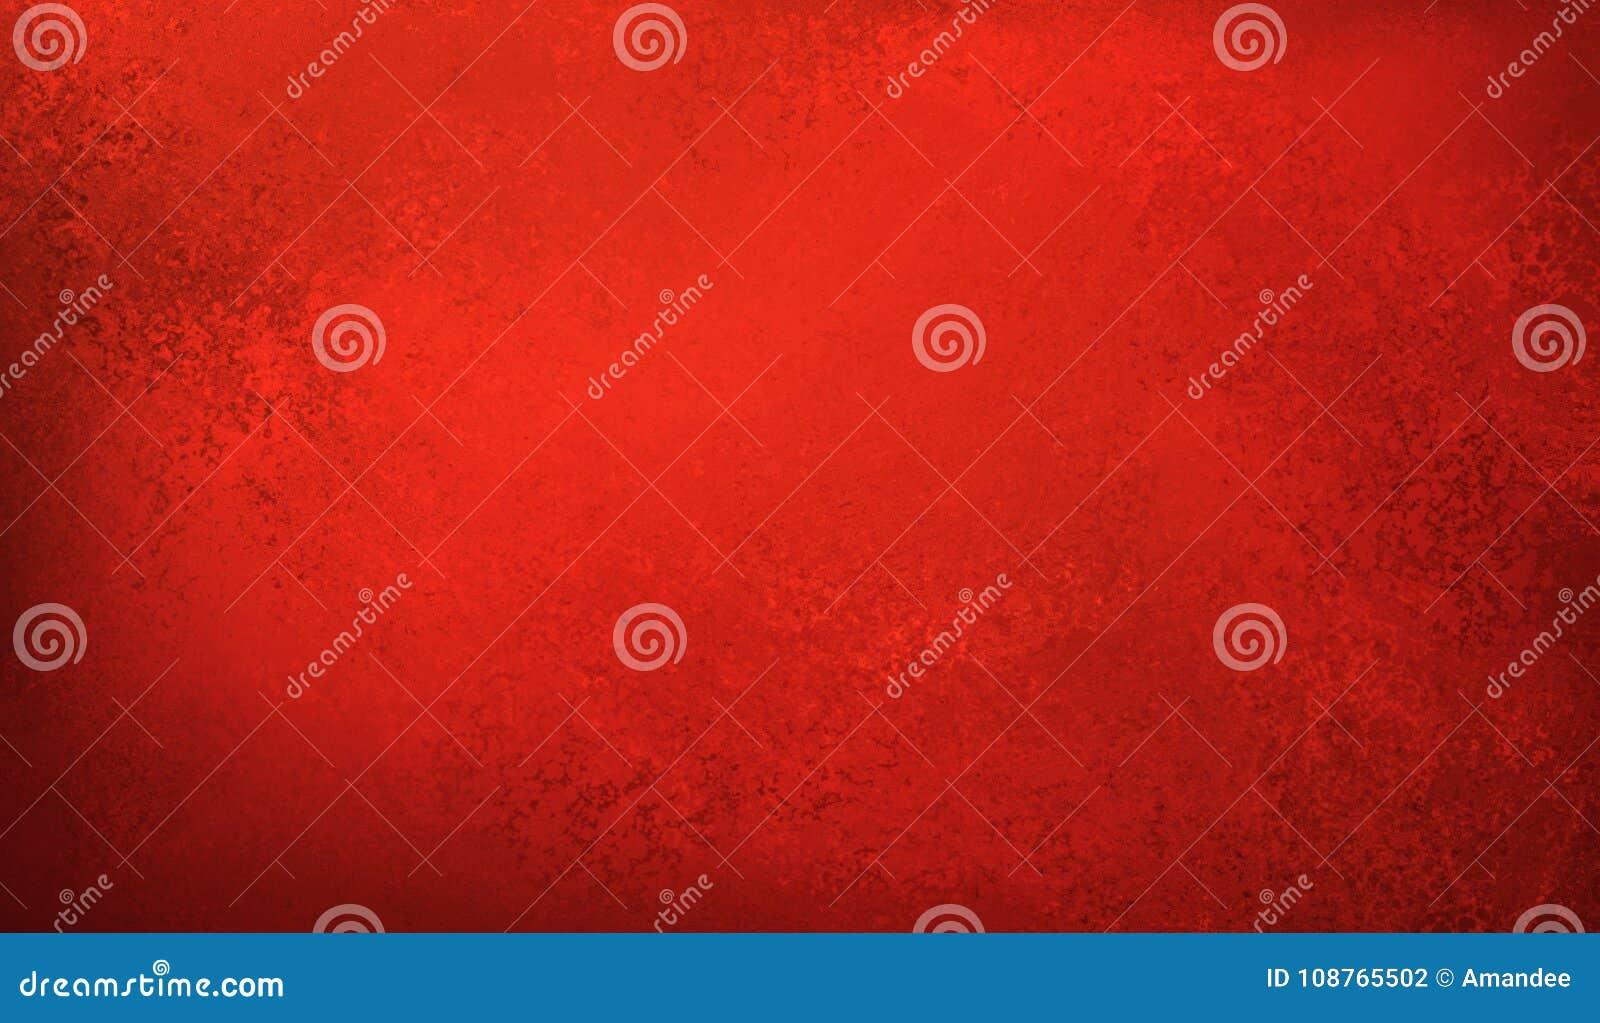 Όμορφο κόκκινο υπόβαθρο με τη σύσταση, τα εκλεκτής ποιότητας Χριστούγεννα ή το σχέδιο ύφους ημέρας βαλεντίνων, κόκκινο υπόβαθρο τ